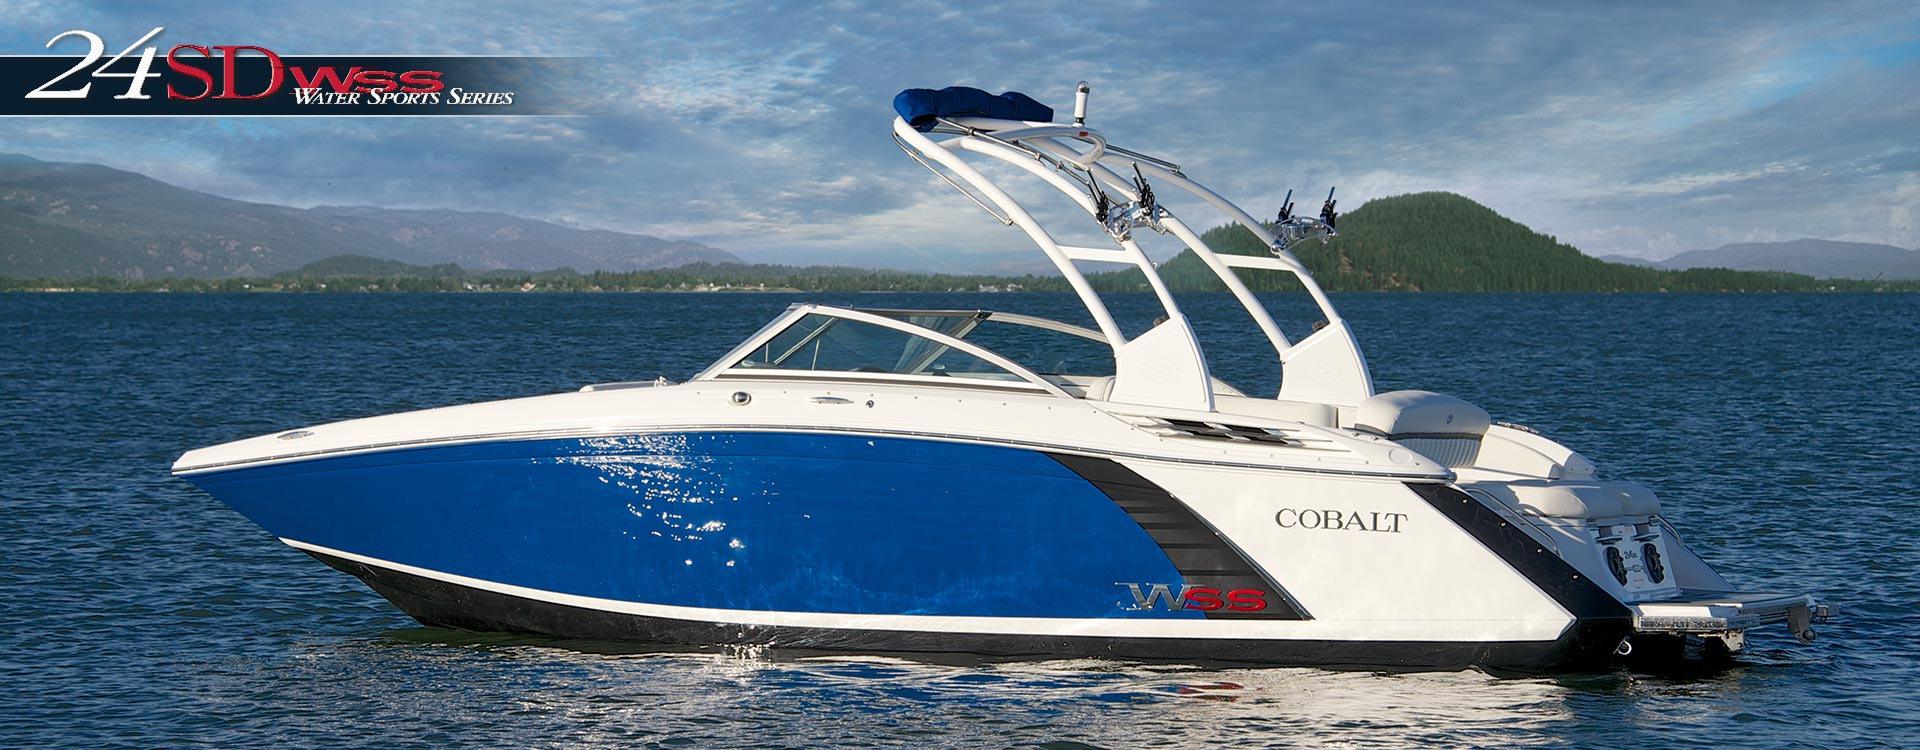 Cobalt 242 WSS